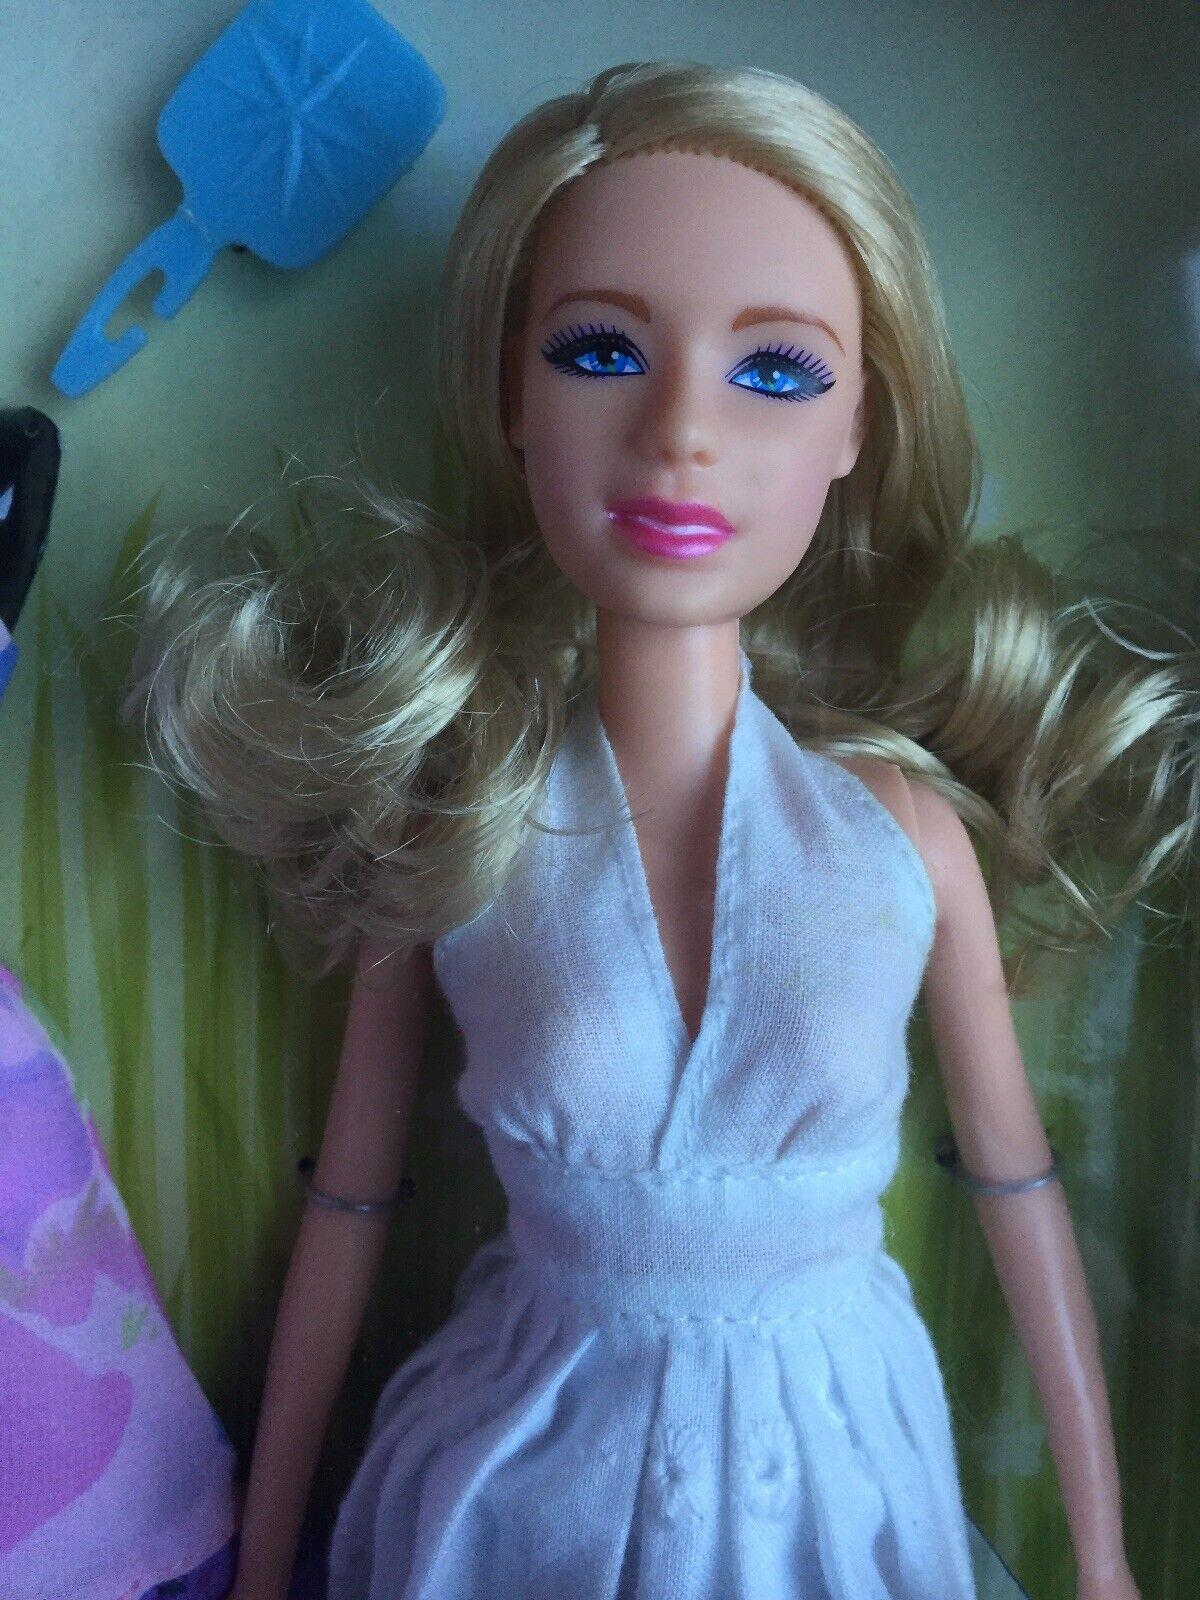 2008 Taylor Swift  Solera Medley  12  Vestidos Moda Muñeca Jakks Pacific nunca quitado de la caja